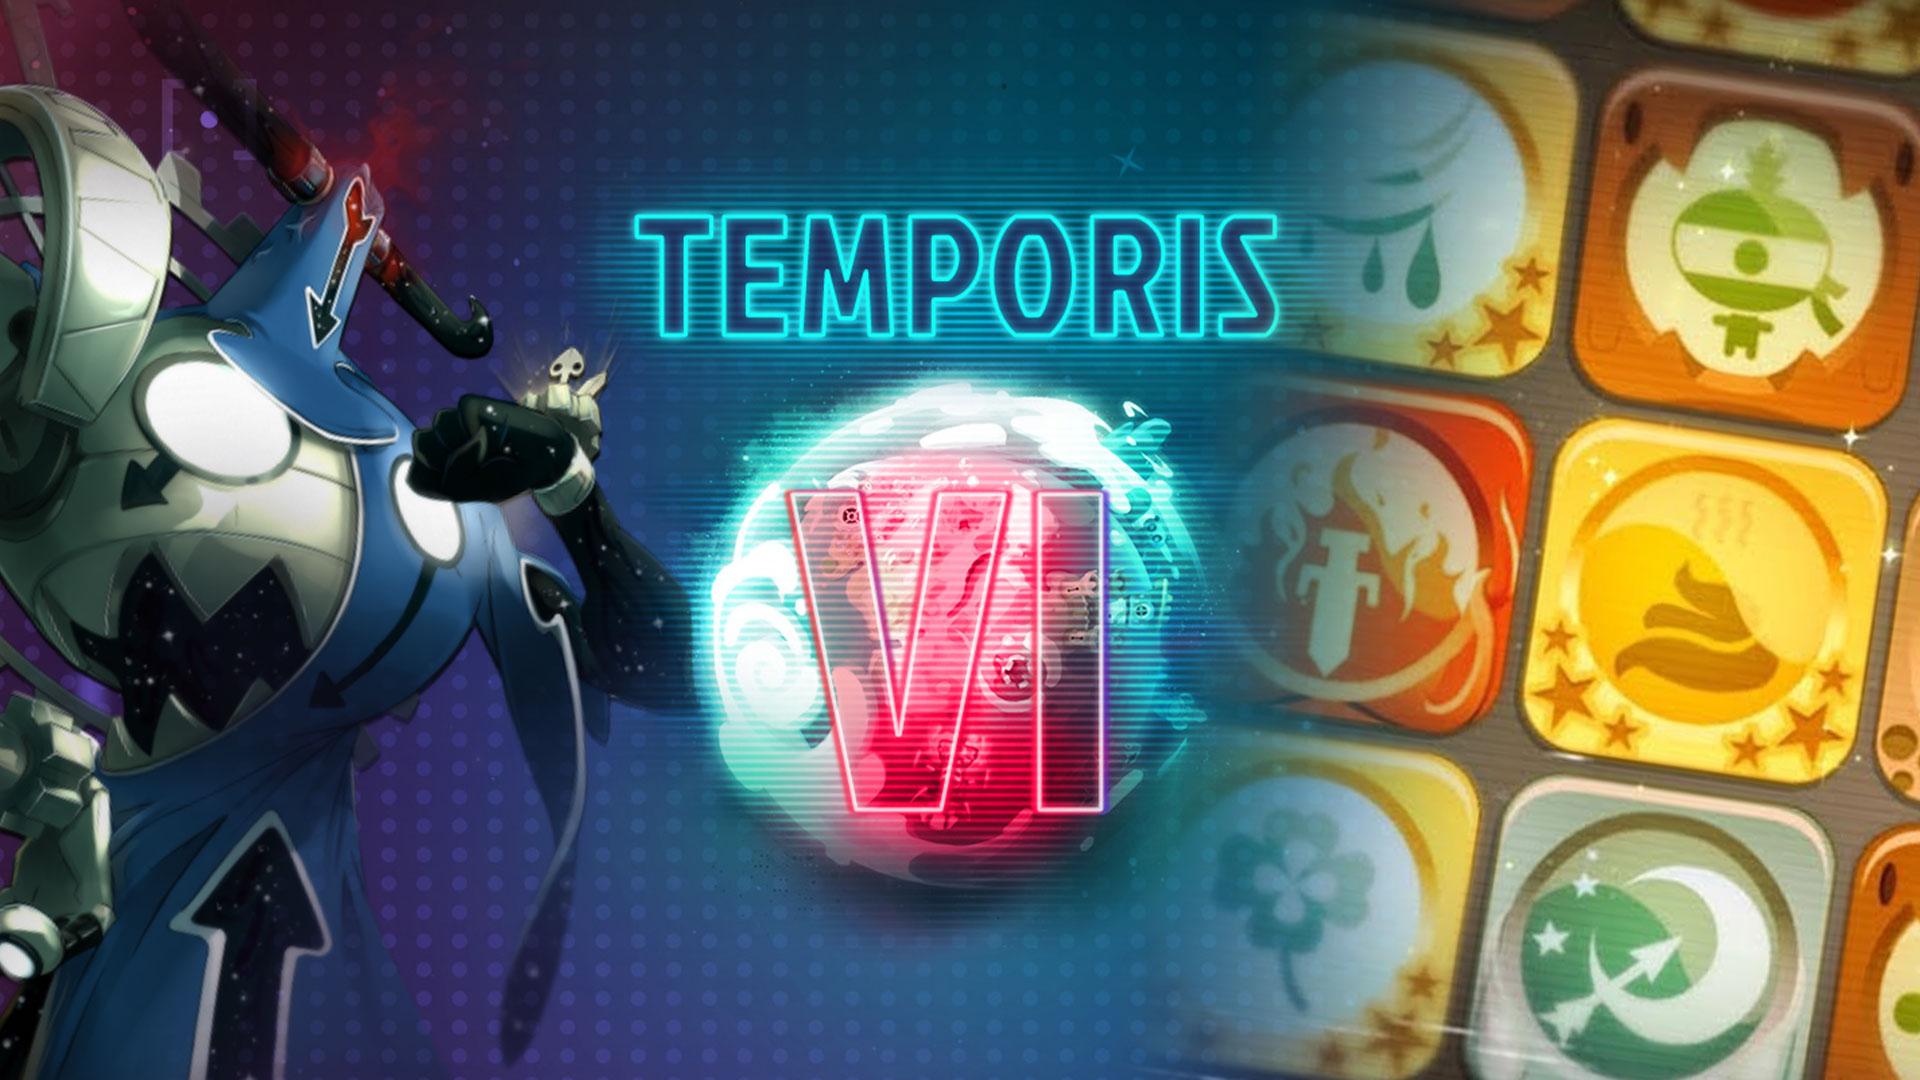 Temporis 6 - Liste des sorts et obtention